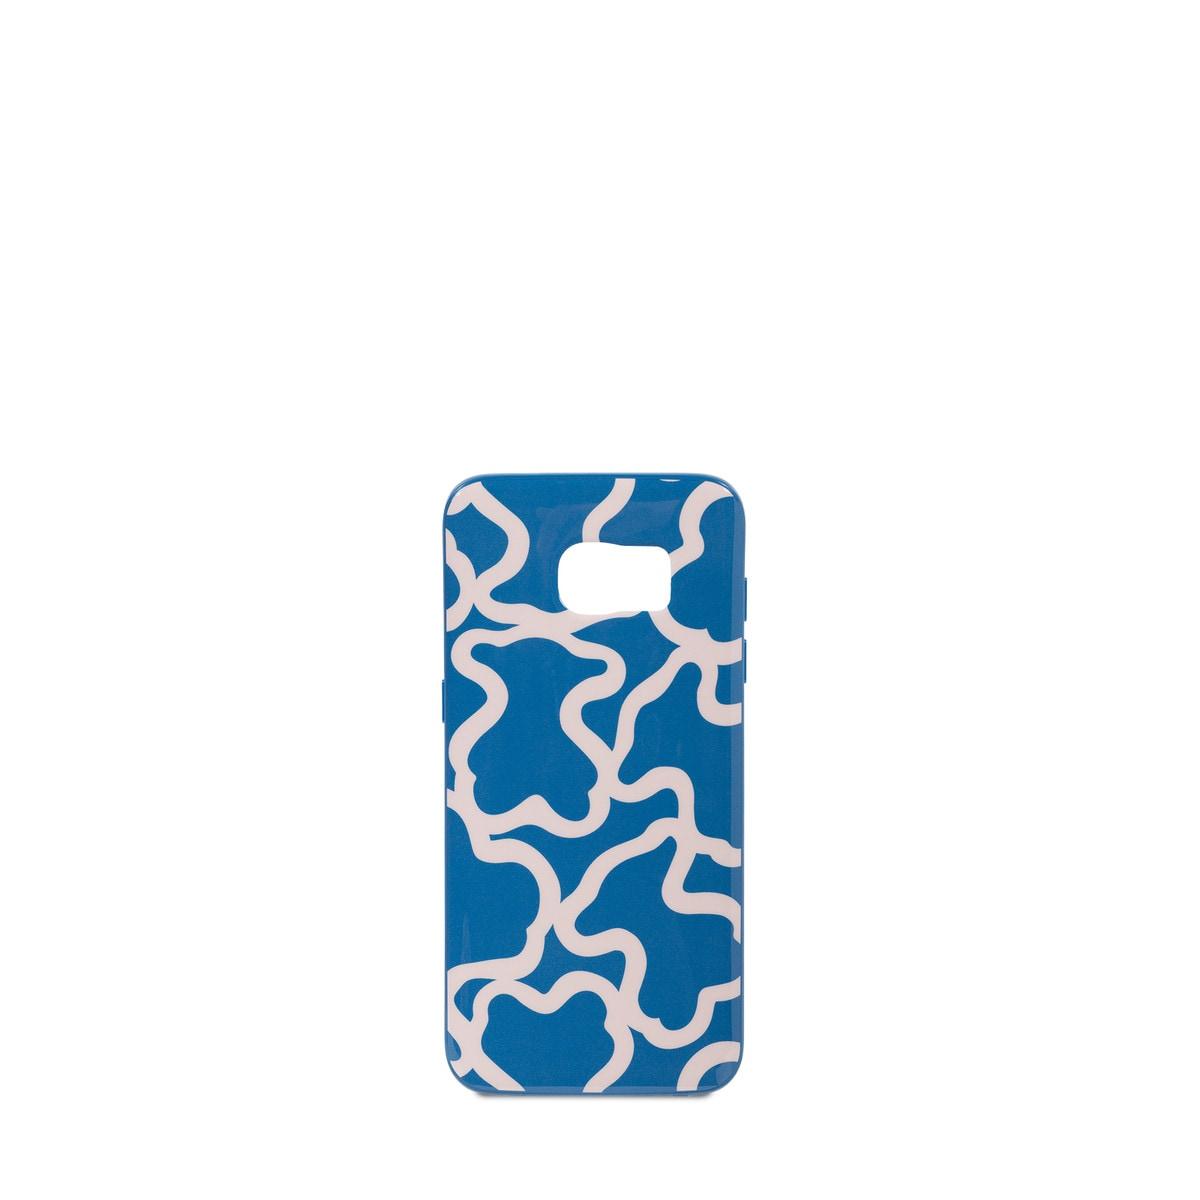 aee4fd6c426 Funda de móvil Samsung Galaxy S7 Edge Kaos en color azul y rosa ...